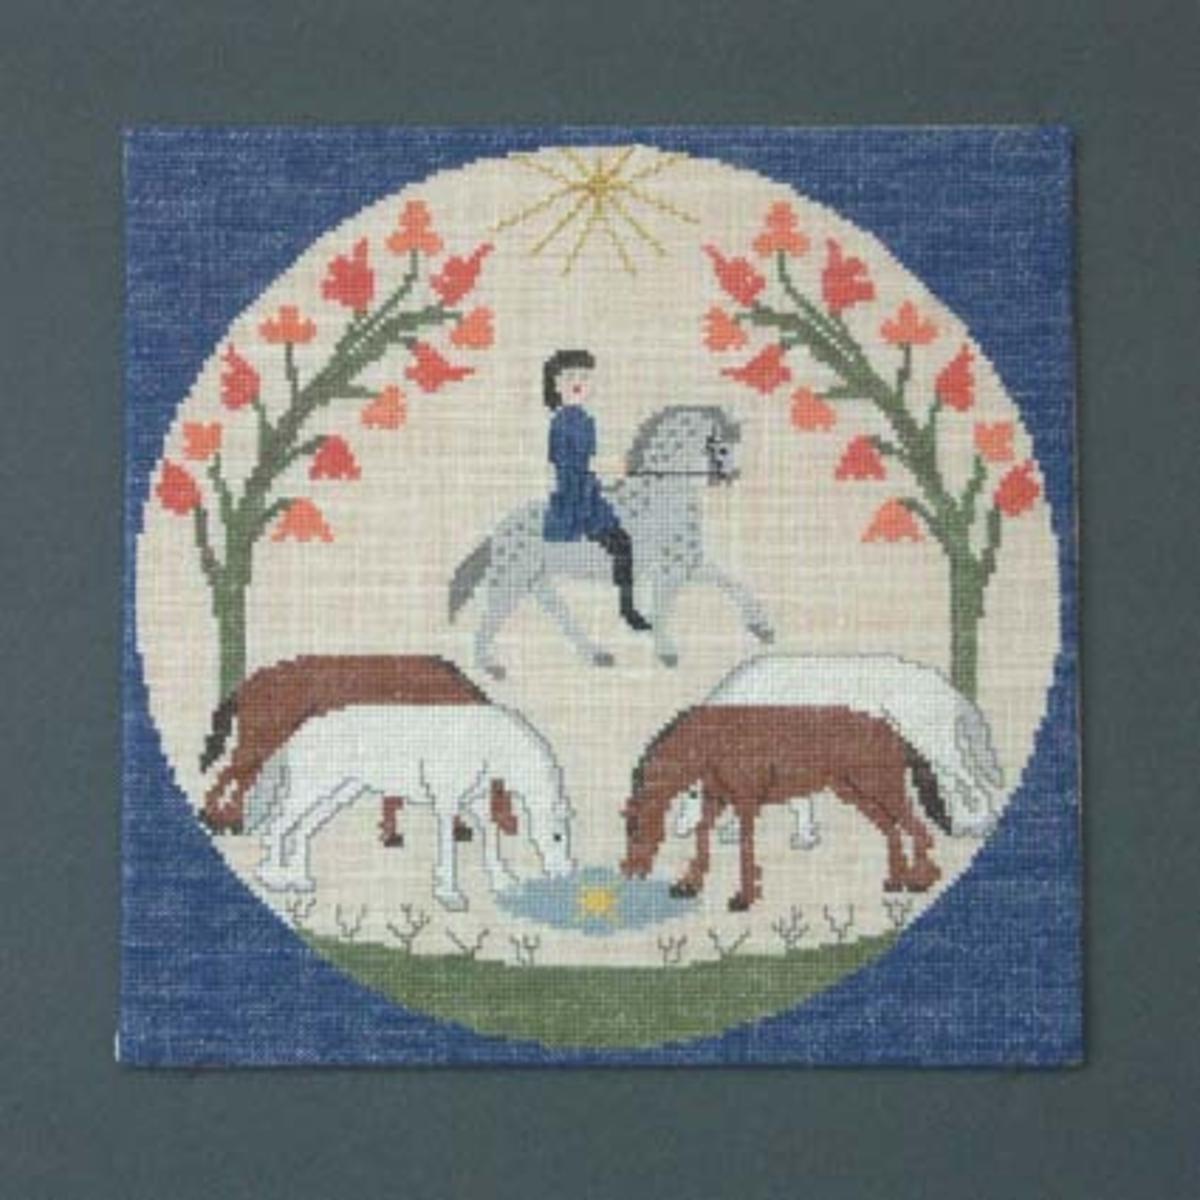 Julbonad med korsstygnsbroderi på linneväv. Bonaden tillhör Runda serien som är en serie julbonader formgivna av Irma Kronlund, en bonad per år från 1971 till 1989.